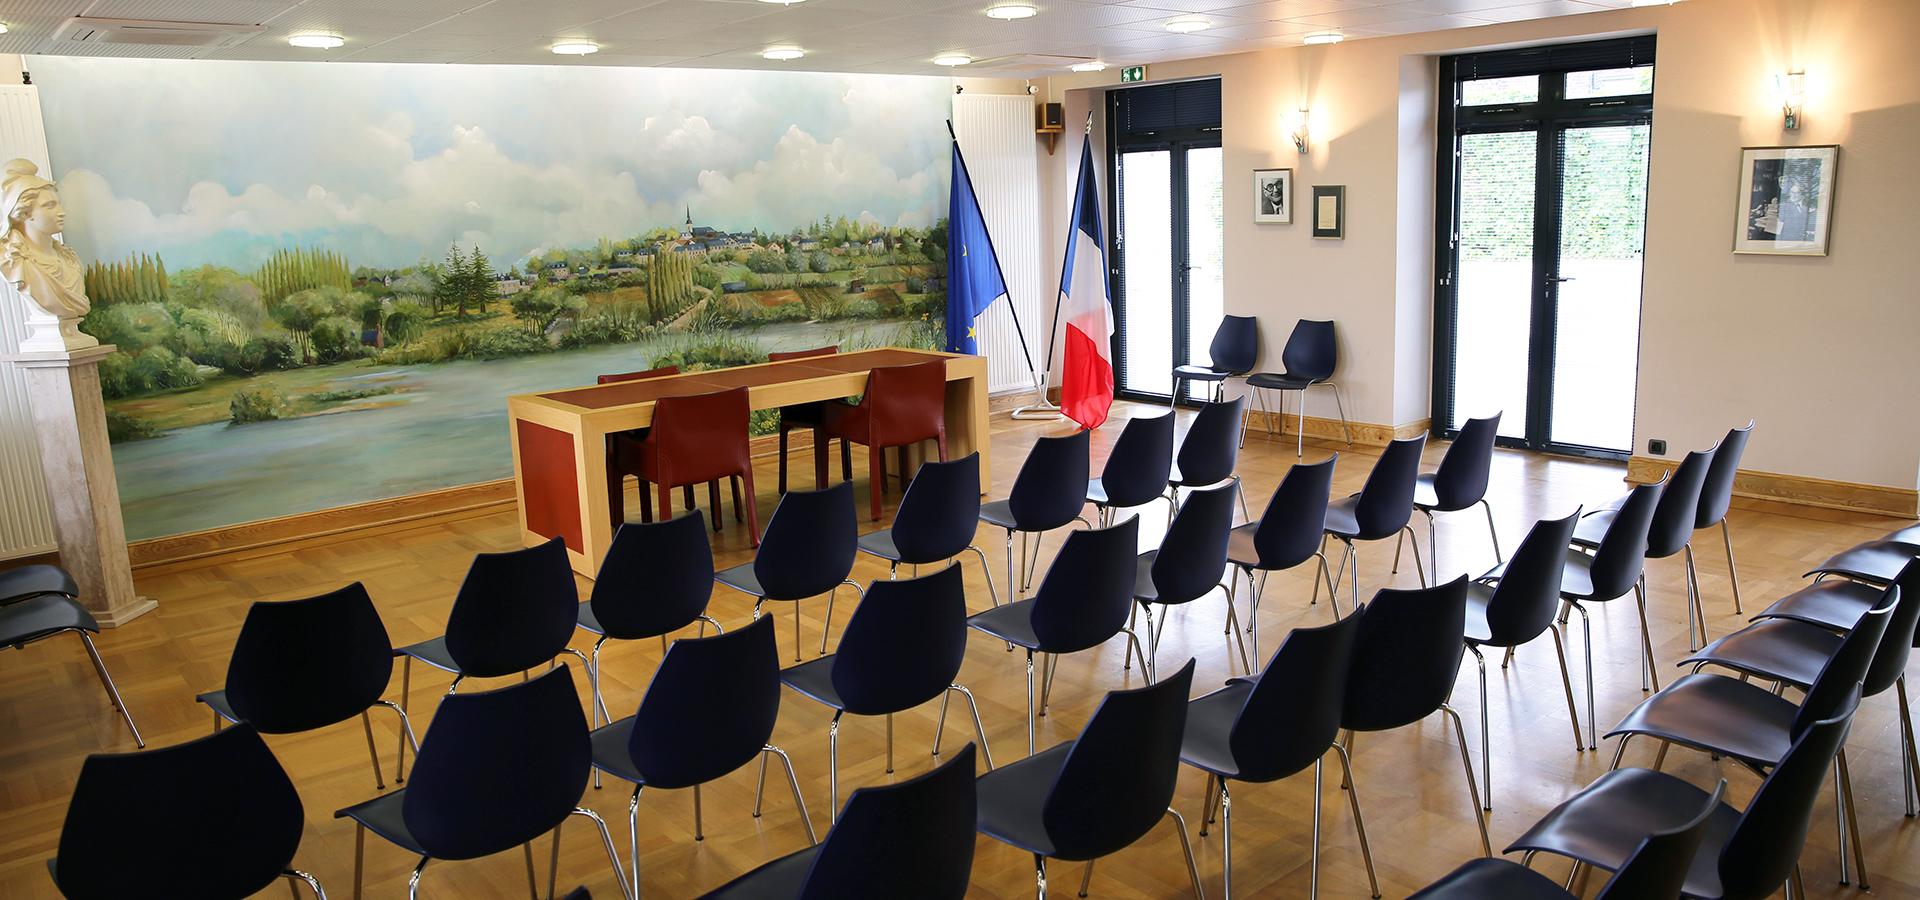 Salle de mariage de La Chaussée Saint-Vitor